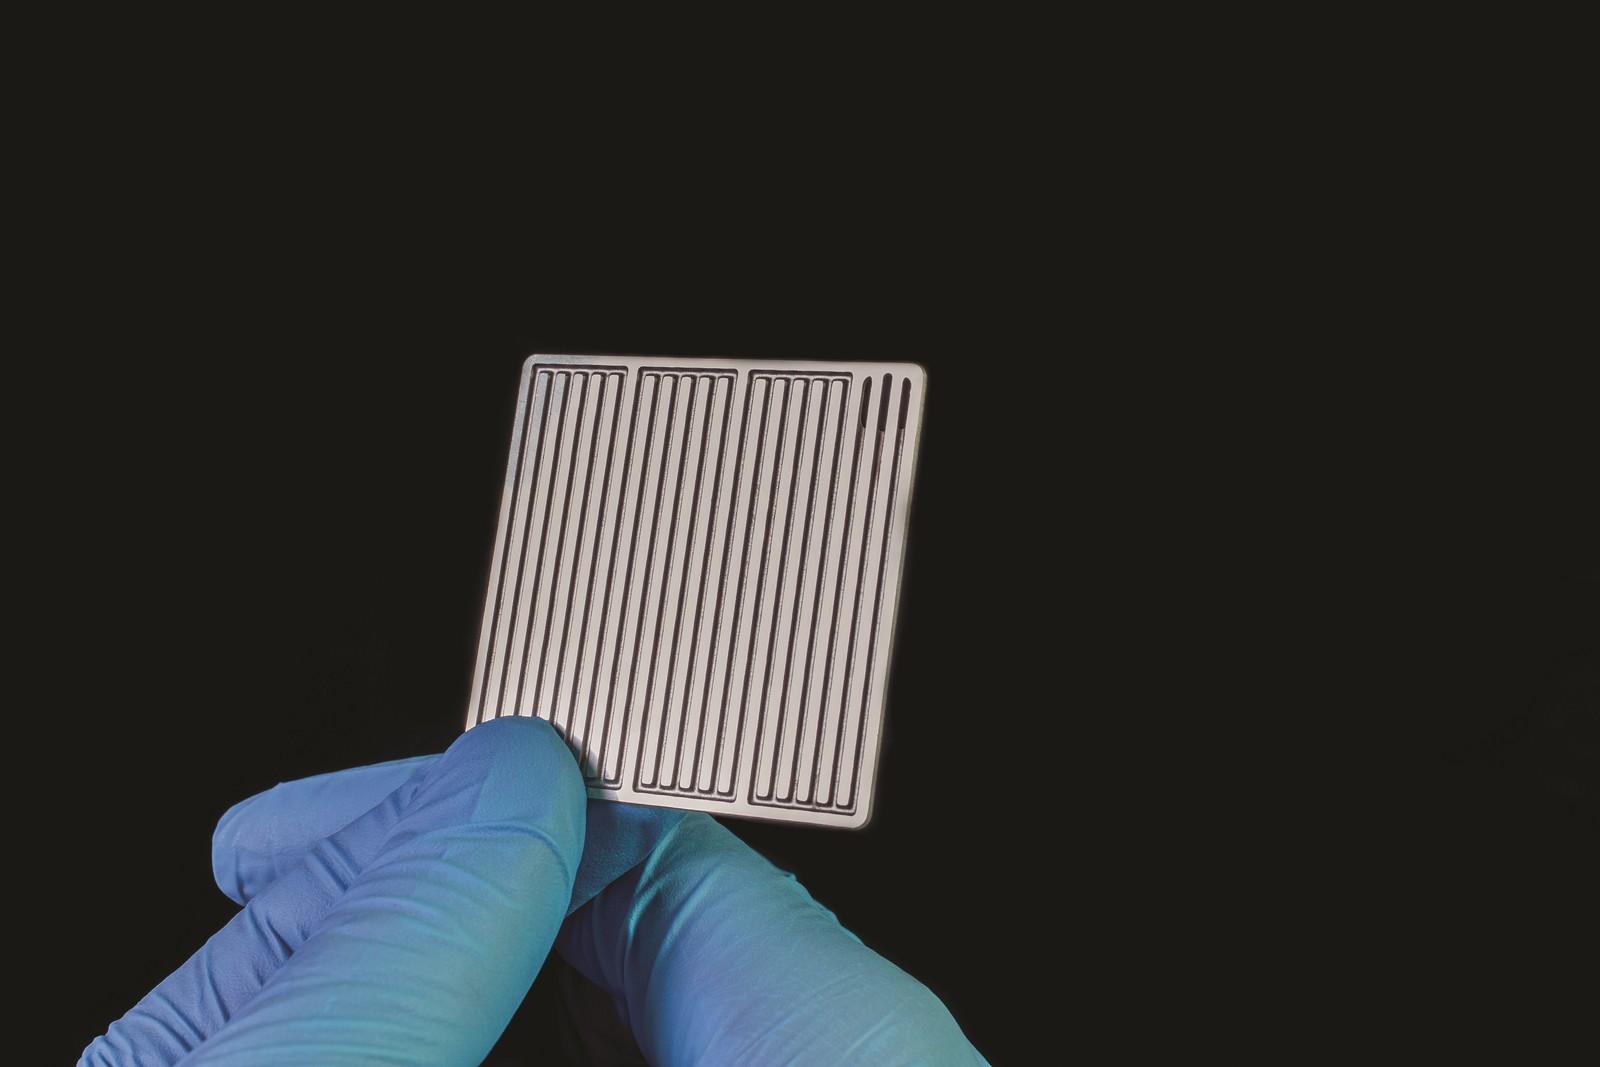 Die filigranen Kanal- und Rillenstrukturen bipolarer Platten lassen sich mit fotochemischem Ätzen, wie es Precision Micro anbietet, hervorragend umsetzen.